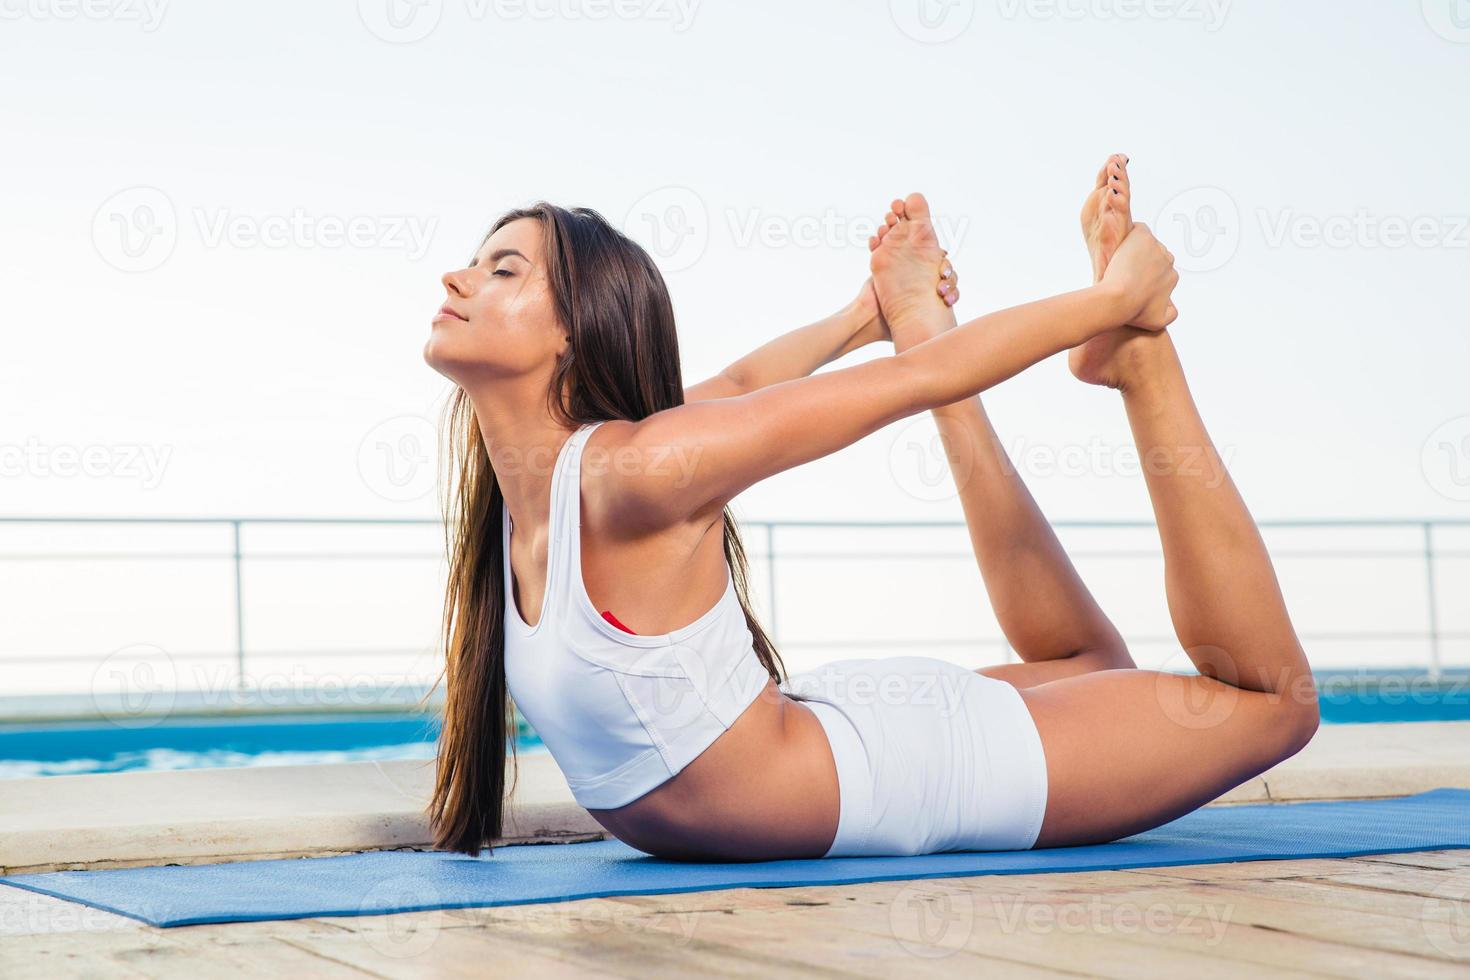 garota fazendo exercícios de alongamento ao ar livre foto